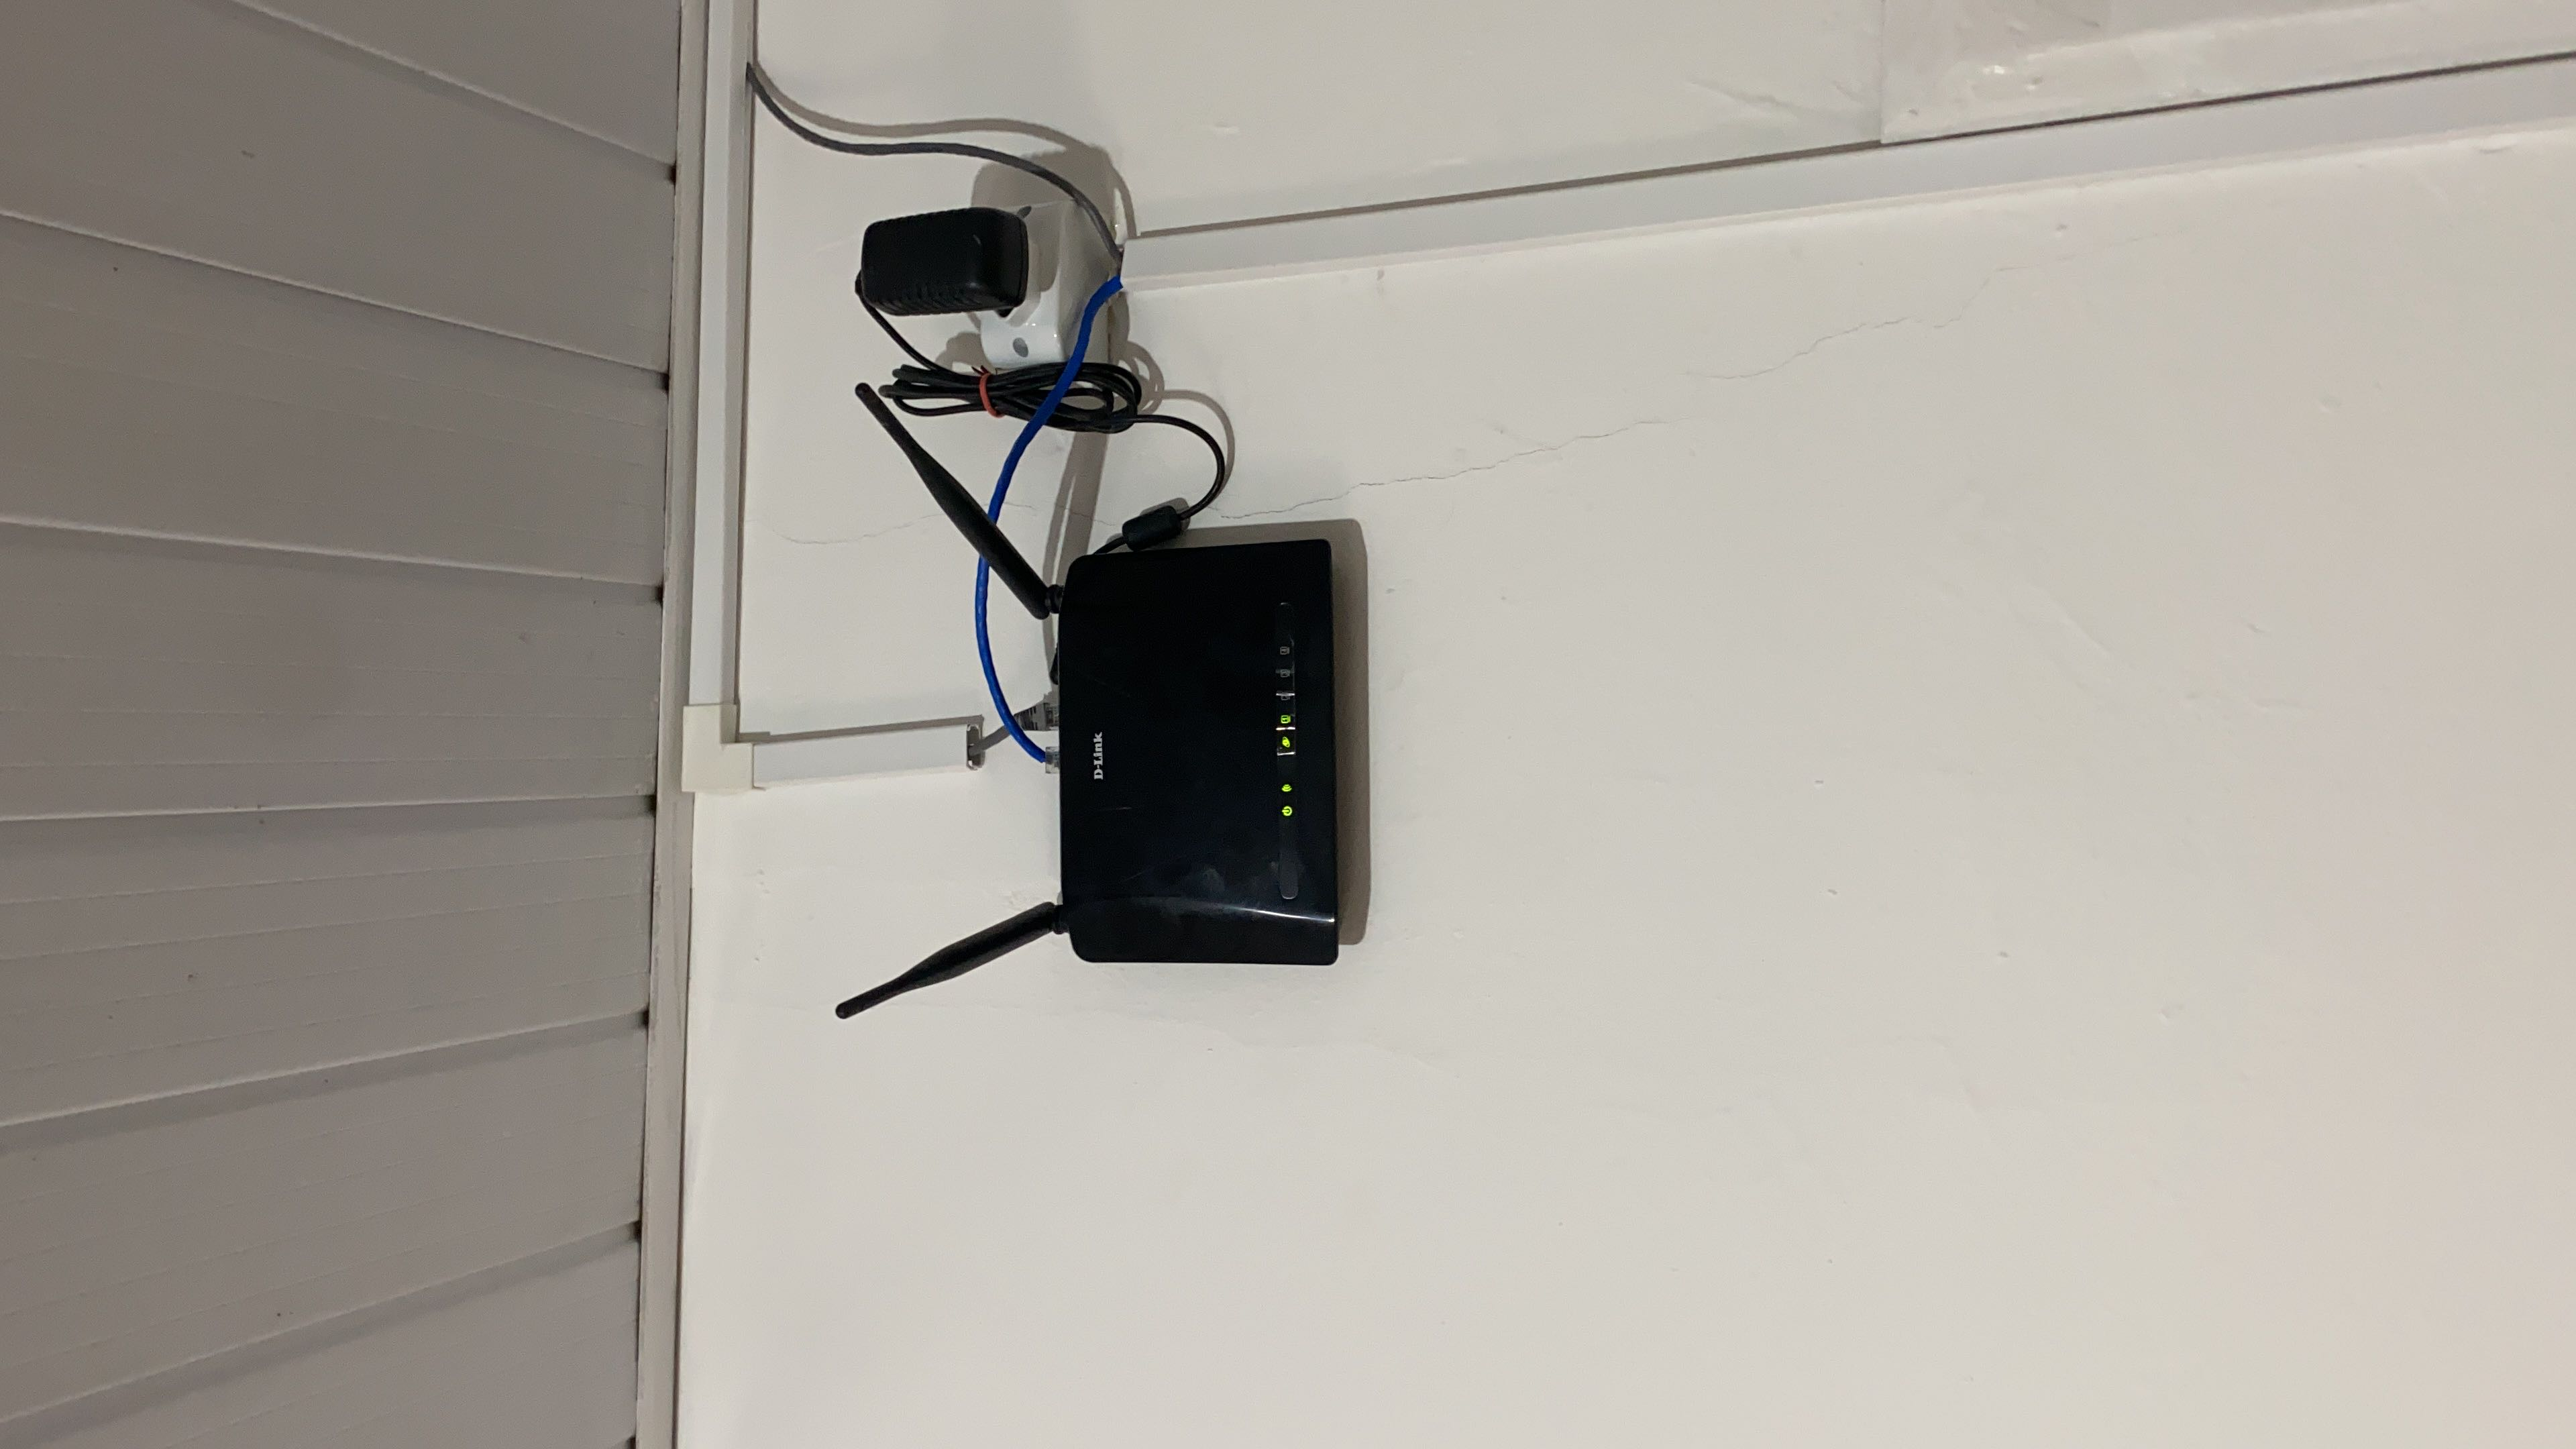 Instalação e configuração de roteador para estender rede Wi-Fi e conectar Smart TV a internet.